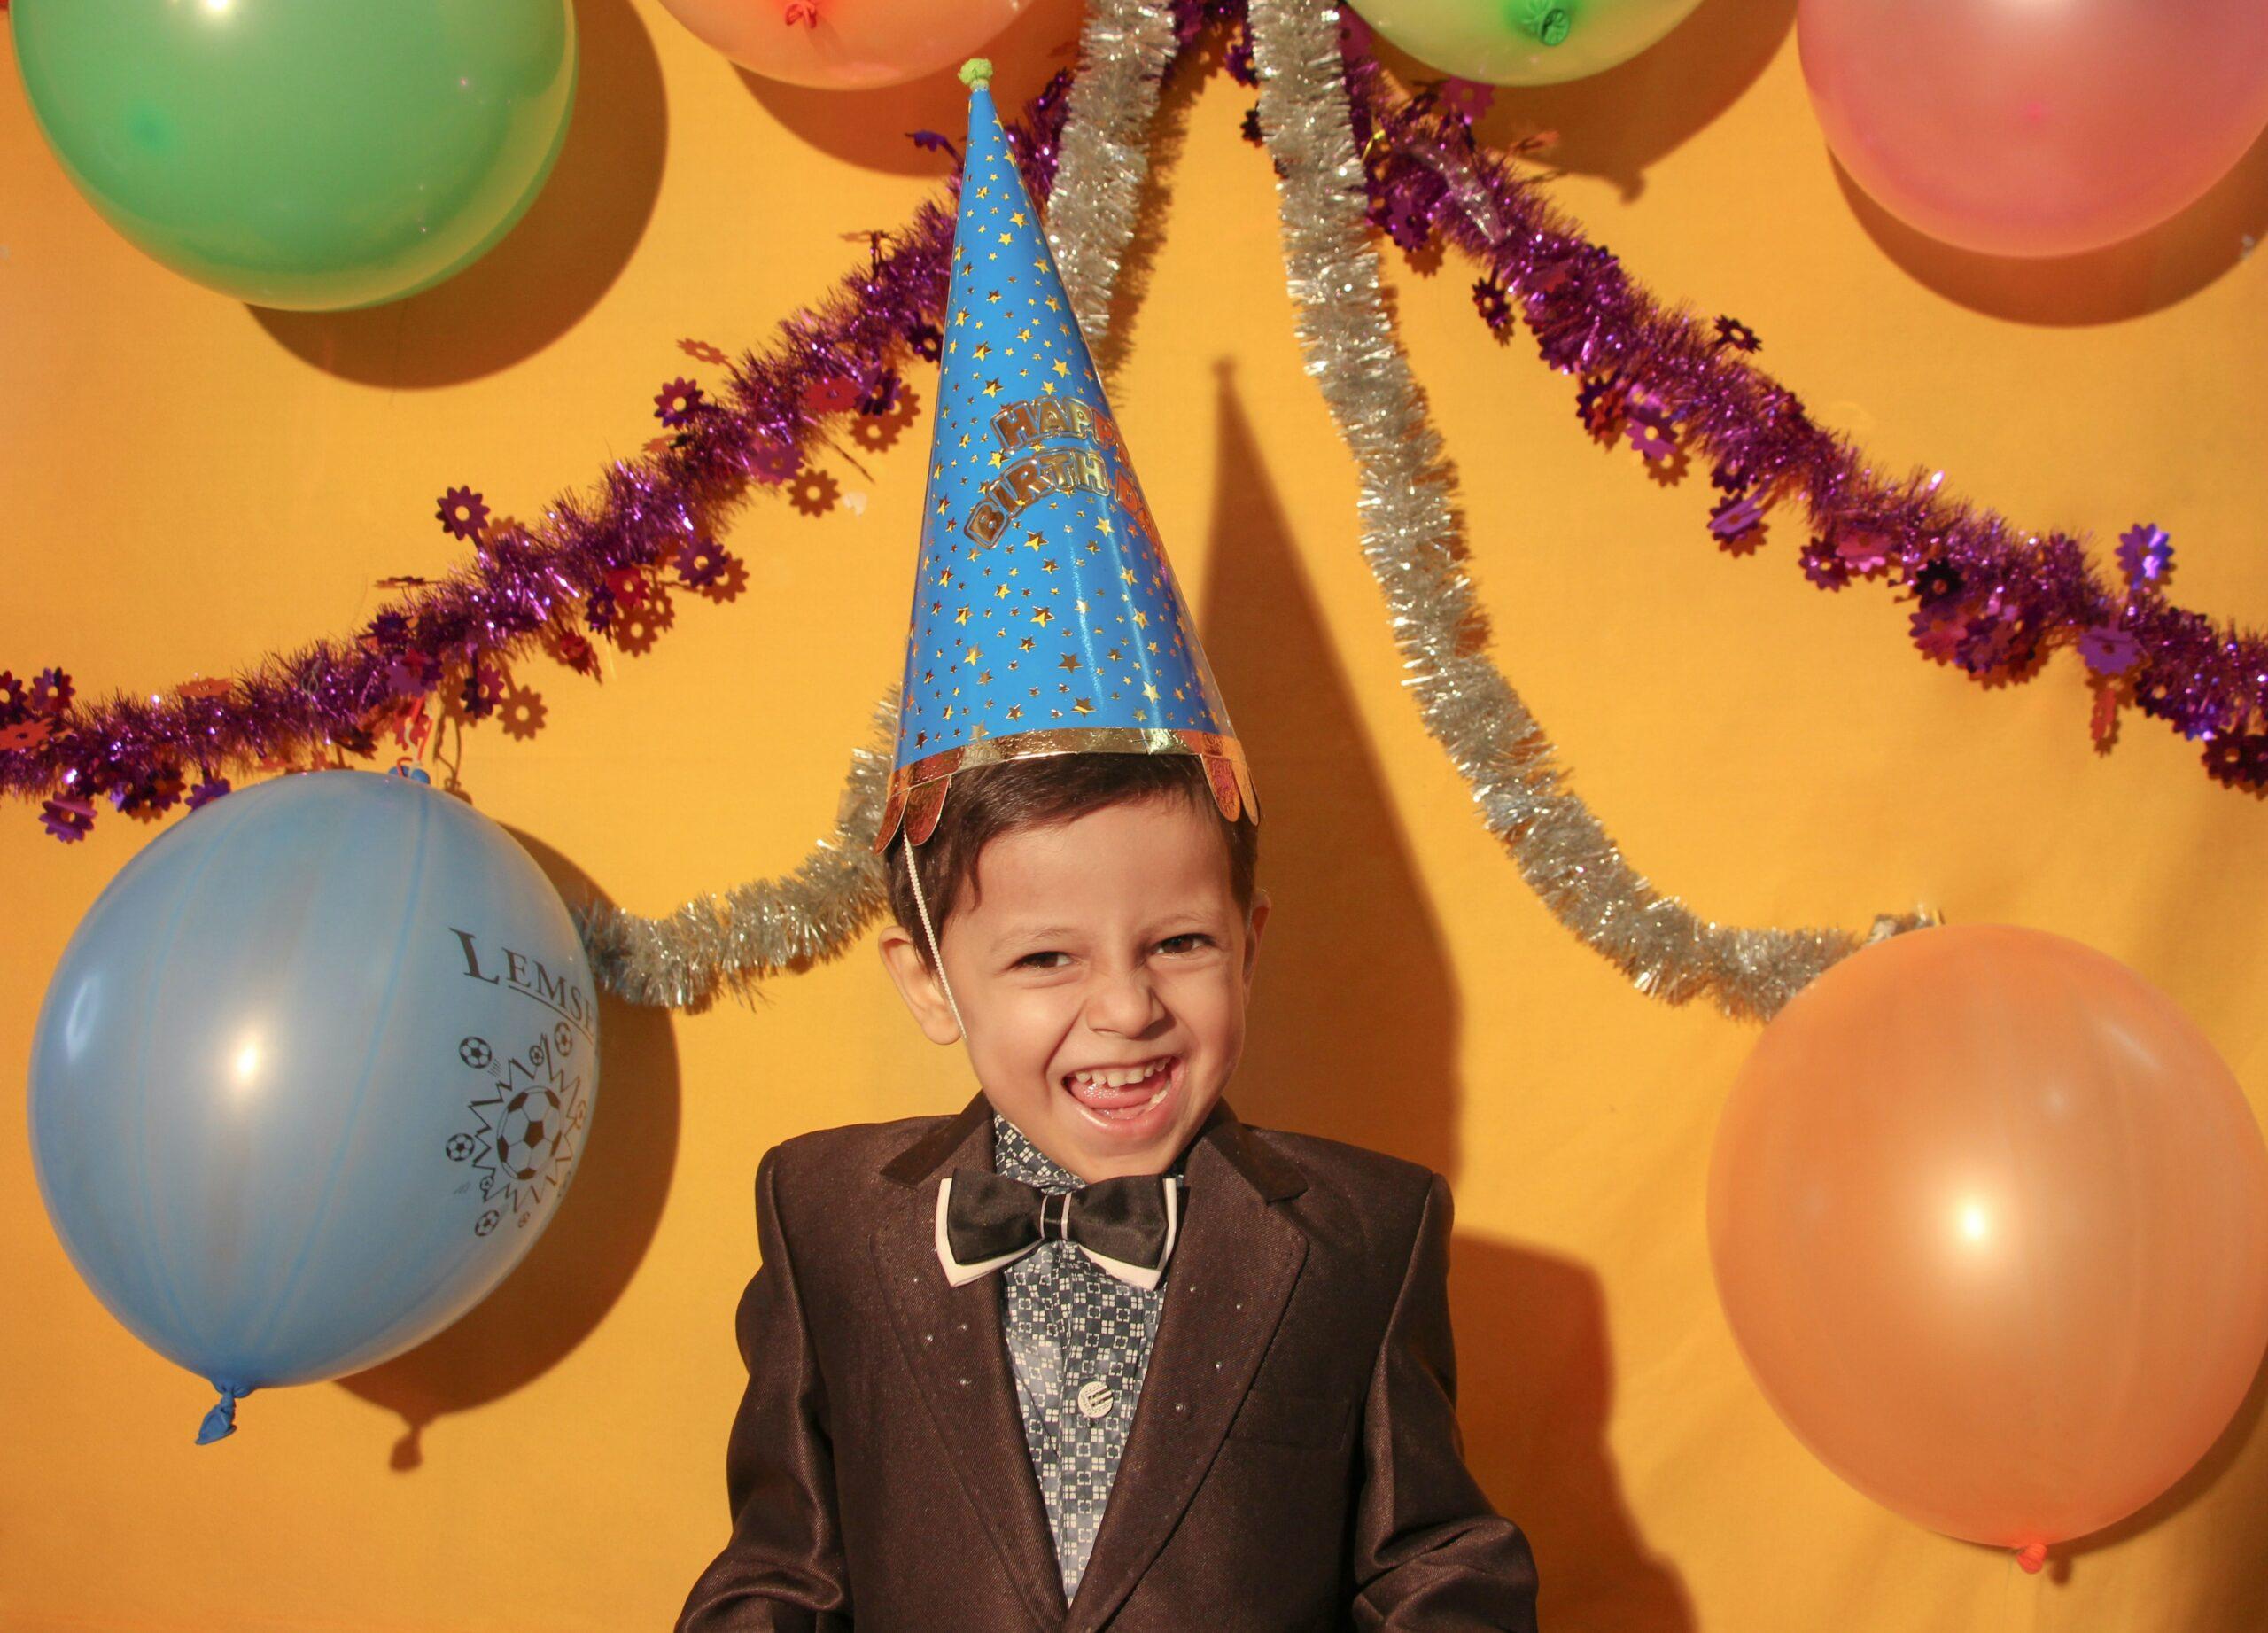 Verjaardag vieren op mijn eigen manier: zó doe ik dat